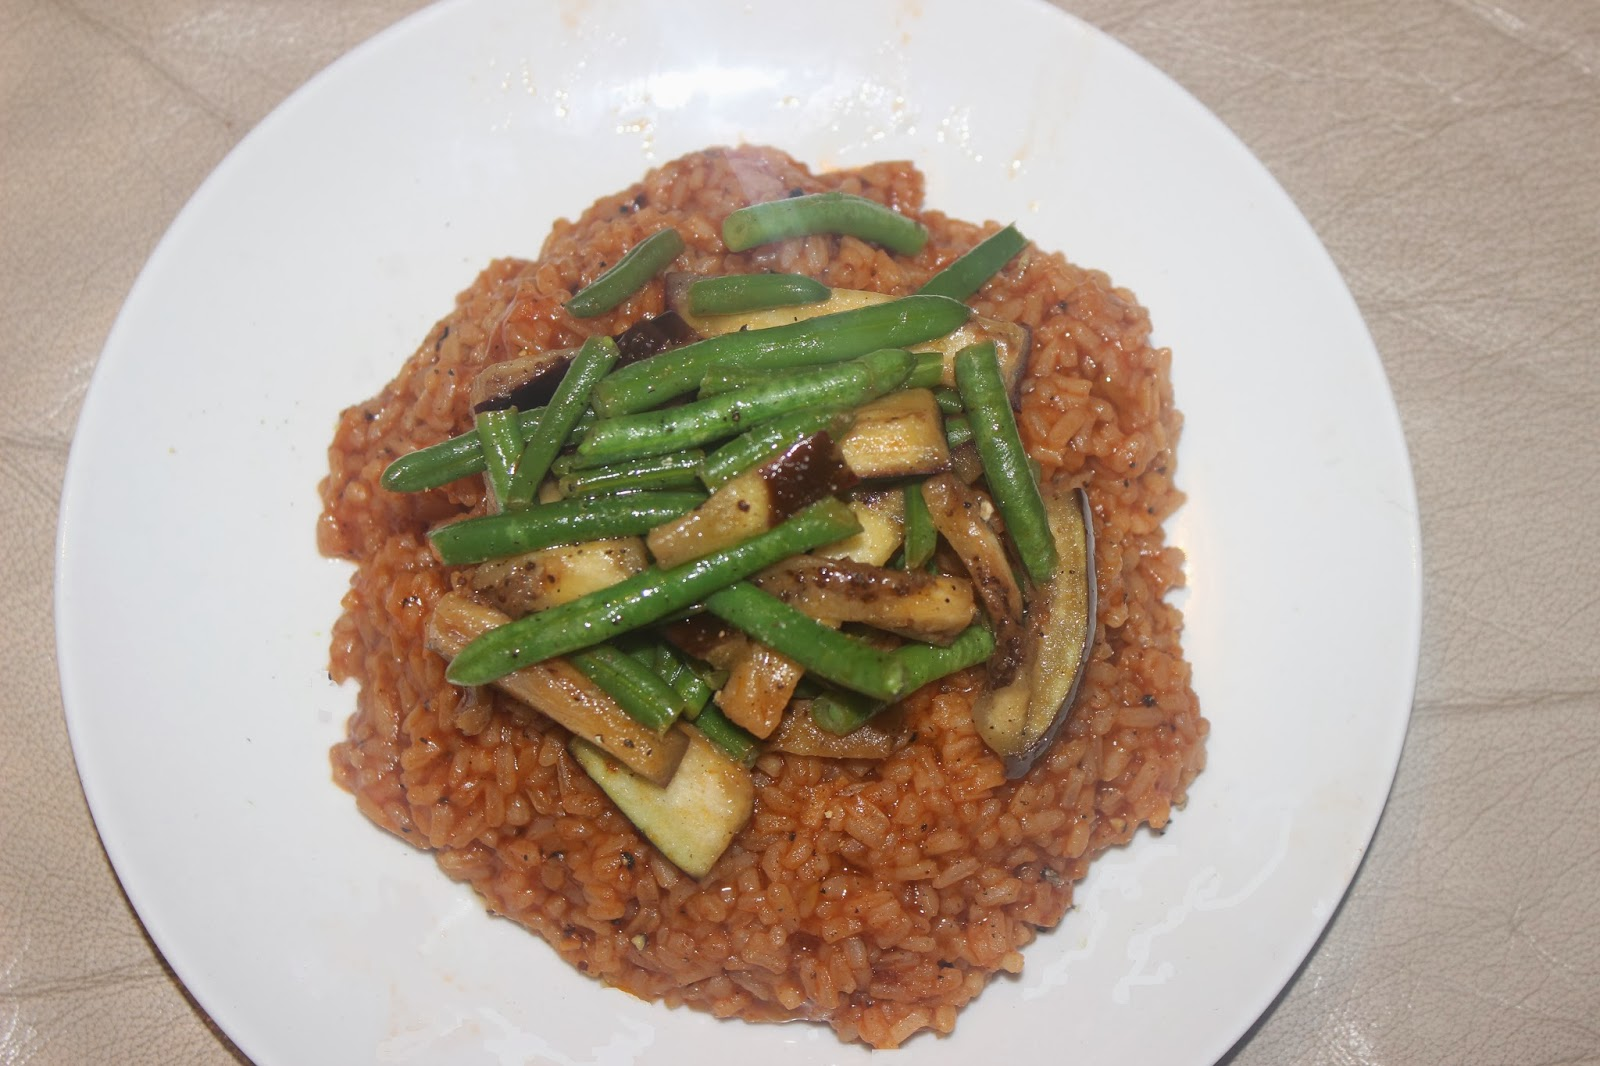 La cuisine de l 39 etudiant un riz qui rougit for La cuisine de l etudiant